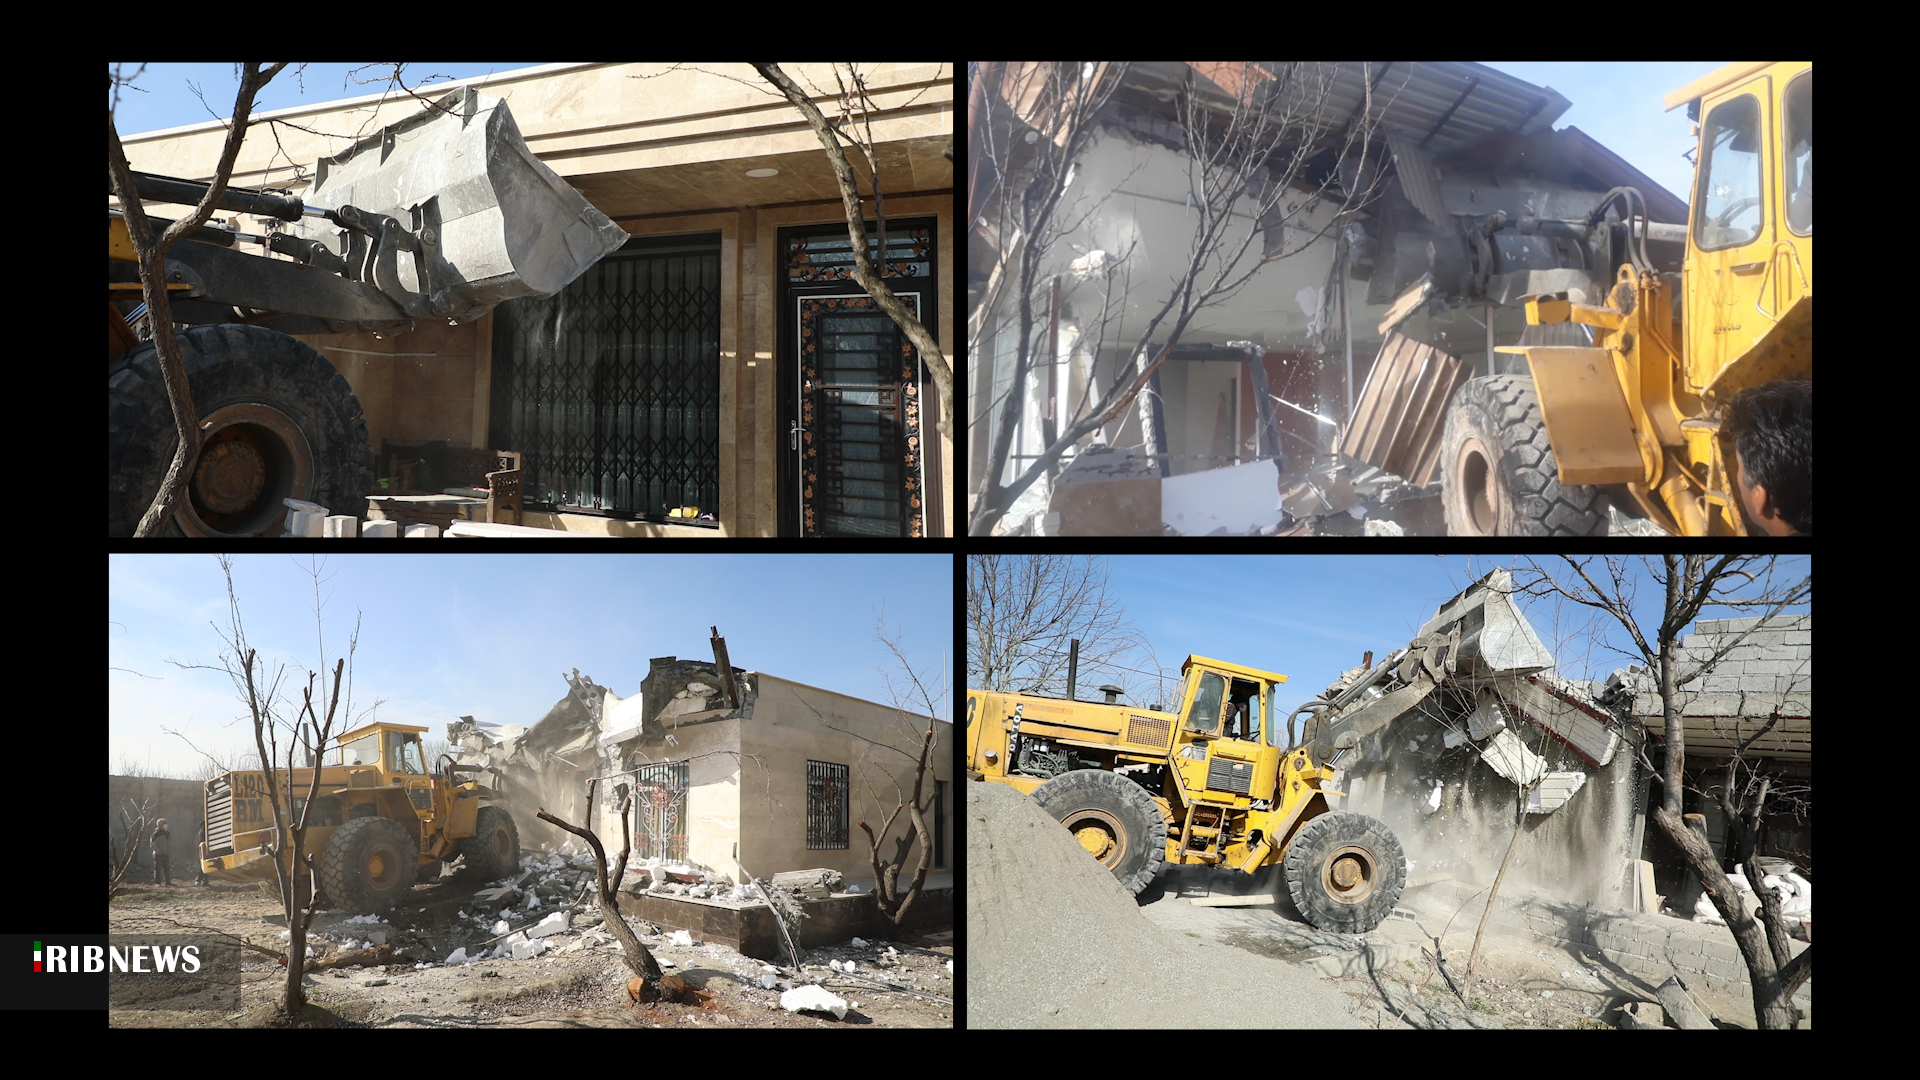 باغ ویلا | 43ویلای میلیاردی در خوشنام ملارد تهران تخریب شد